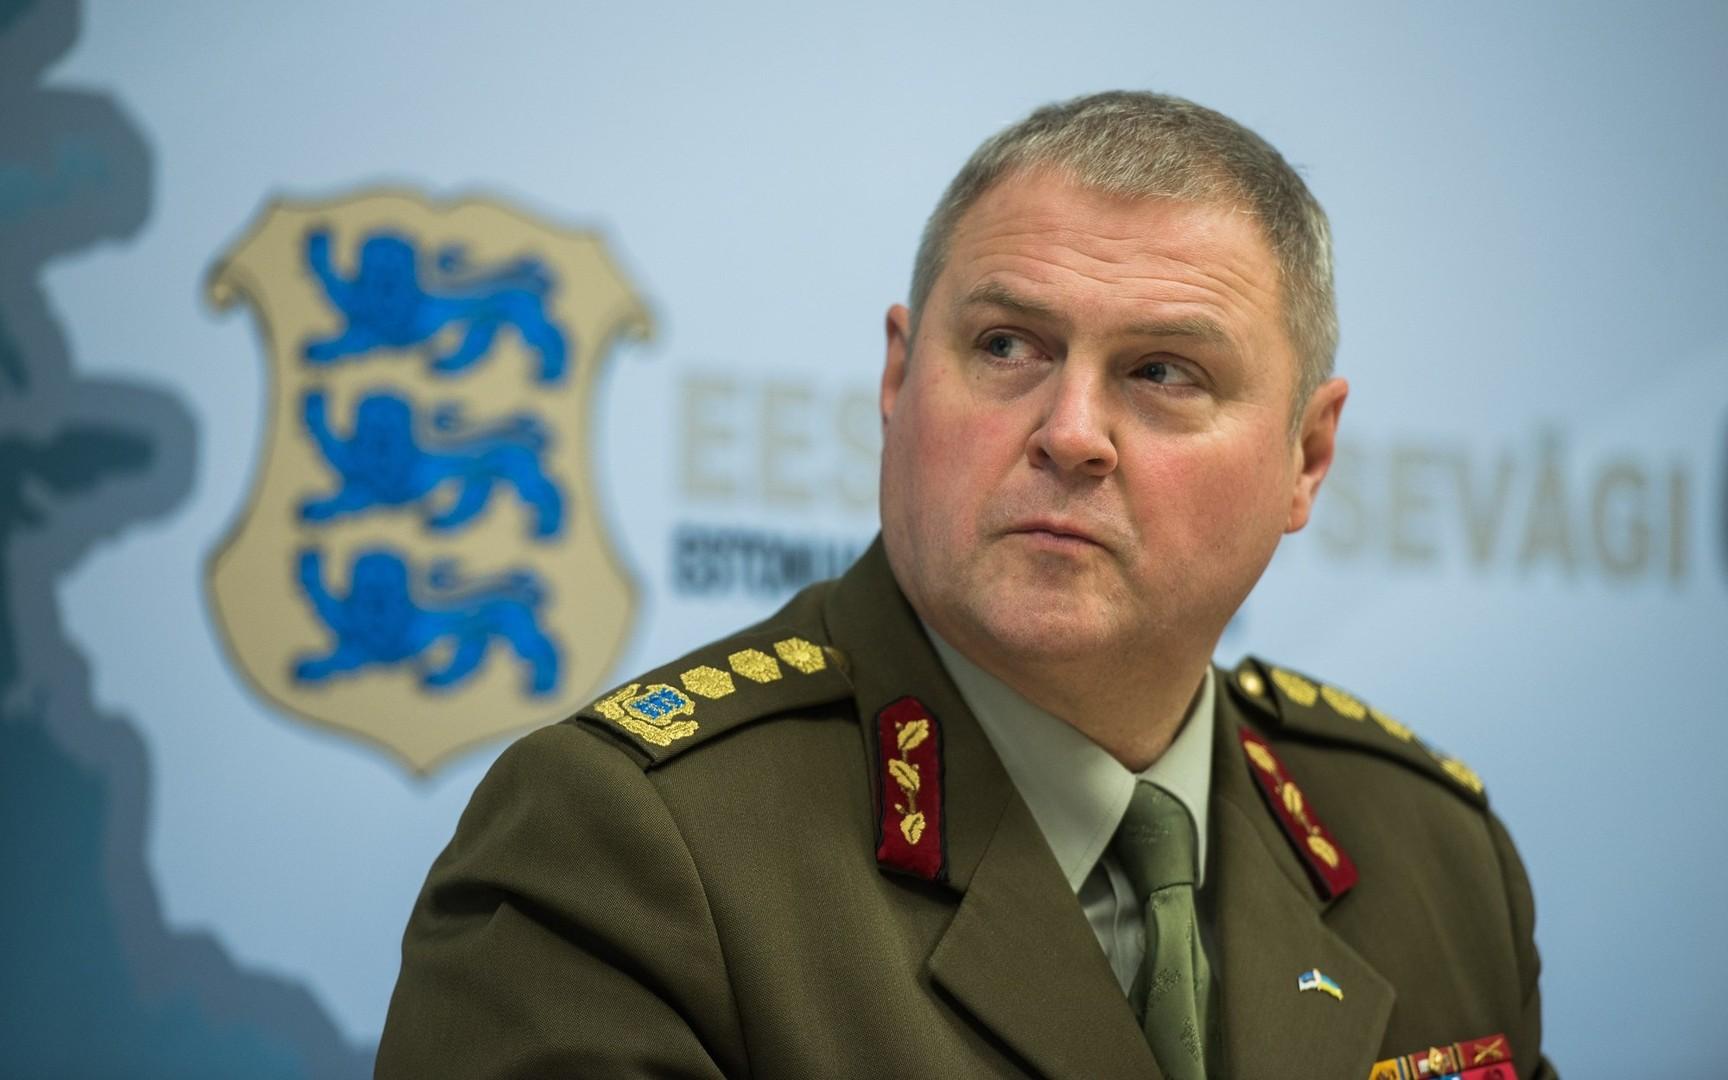 Естонија: Москва израдила сценарио војне кампање широких размера против НАТО-а